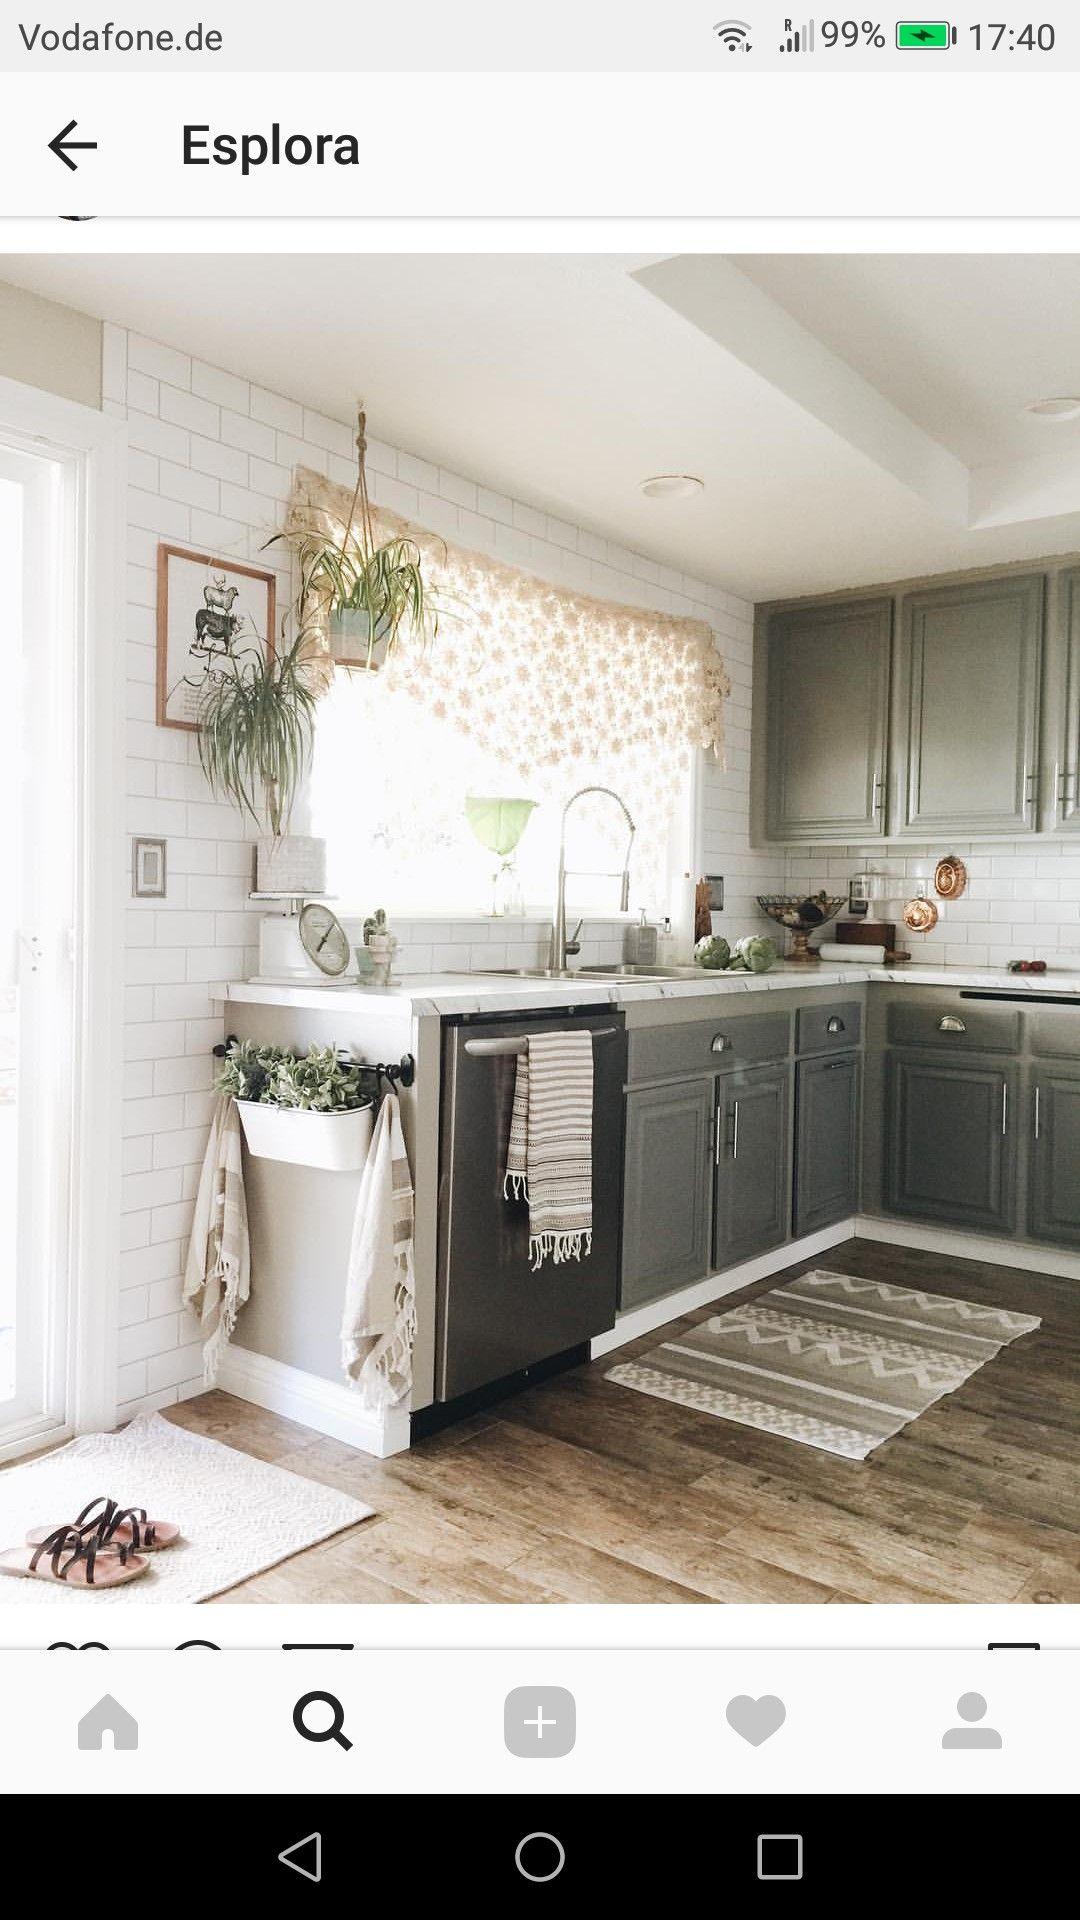 Finestra SOPRA il lavello della cucina ❤❤❤ | Home sweet home ...